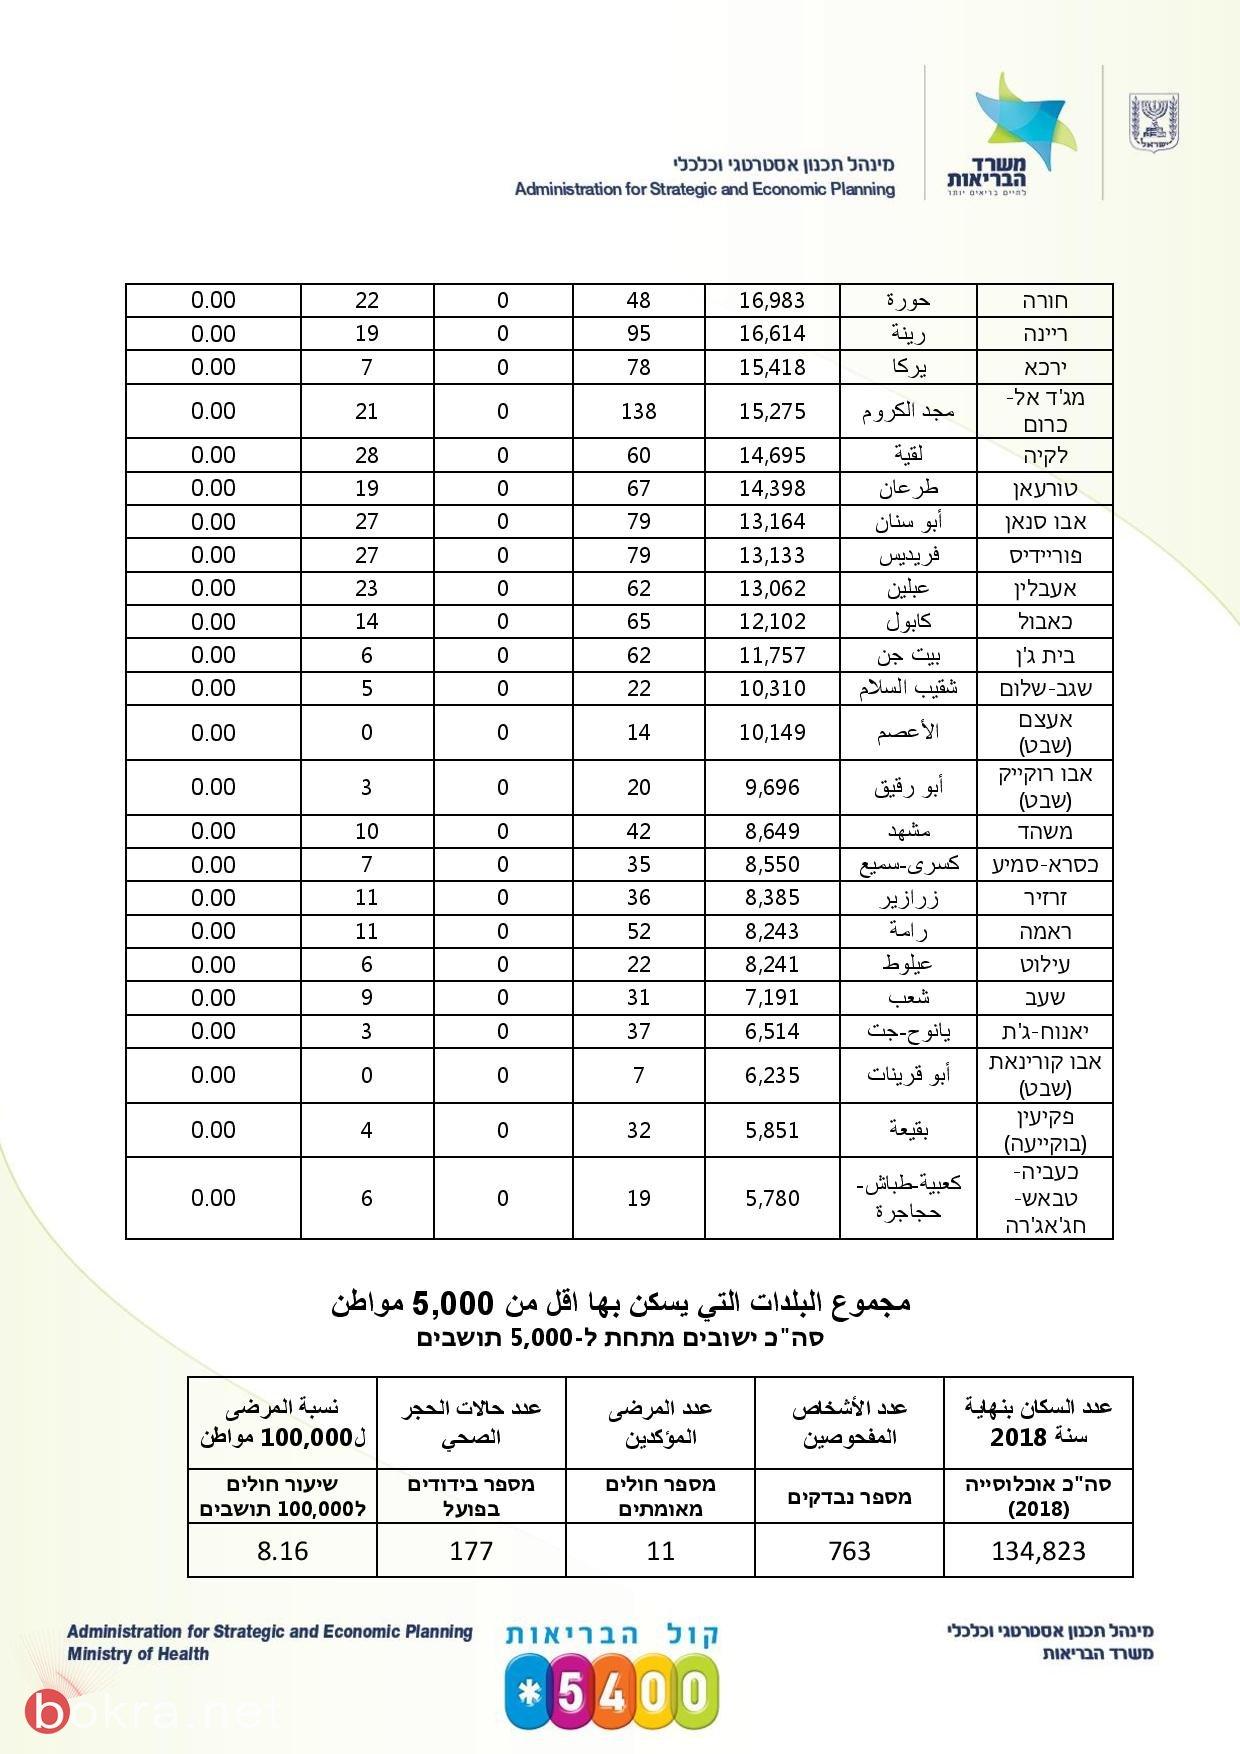 ارتفاع بعدد الإصابات في بعض البلدات العربية .. وتبقى المدن المختلطة هي اللغز الأكبر